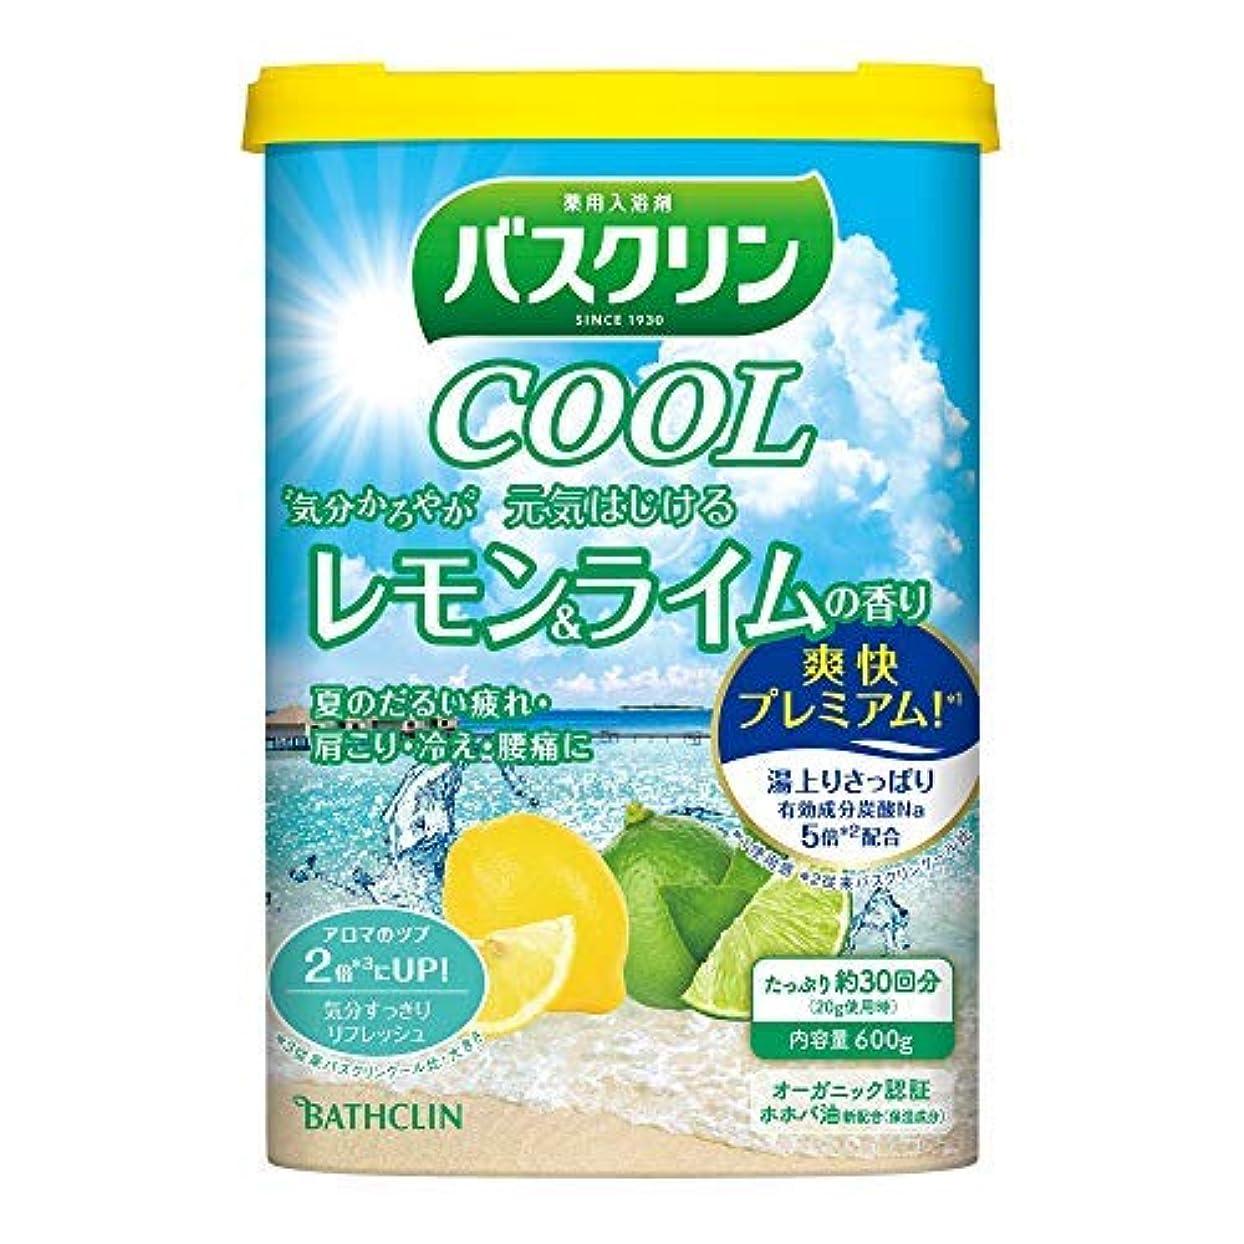 標高慣習にじみ出るバスクリンクール 元気はじけるレモン&ライムの香り 600g × 2個セット